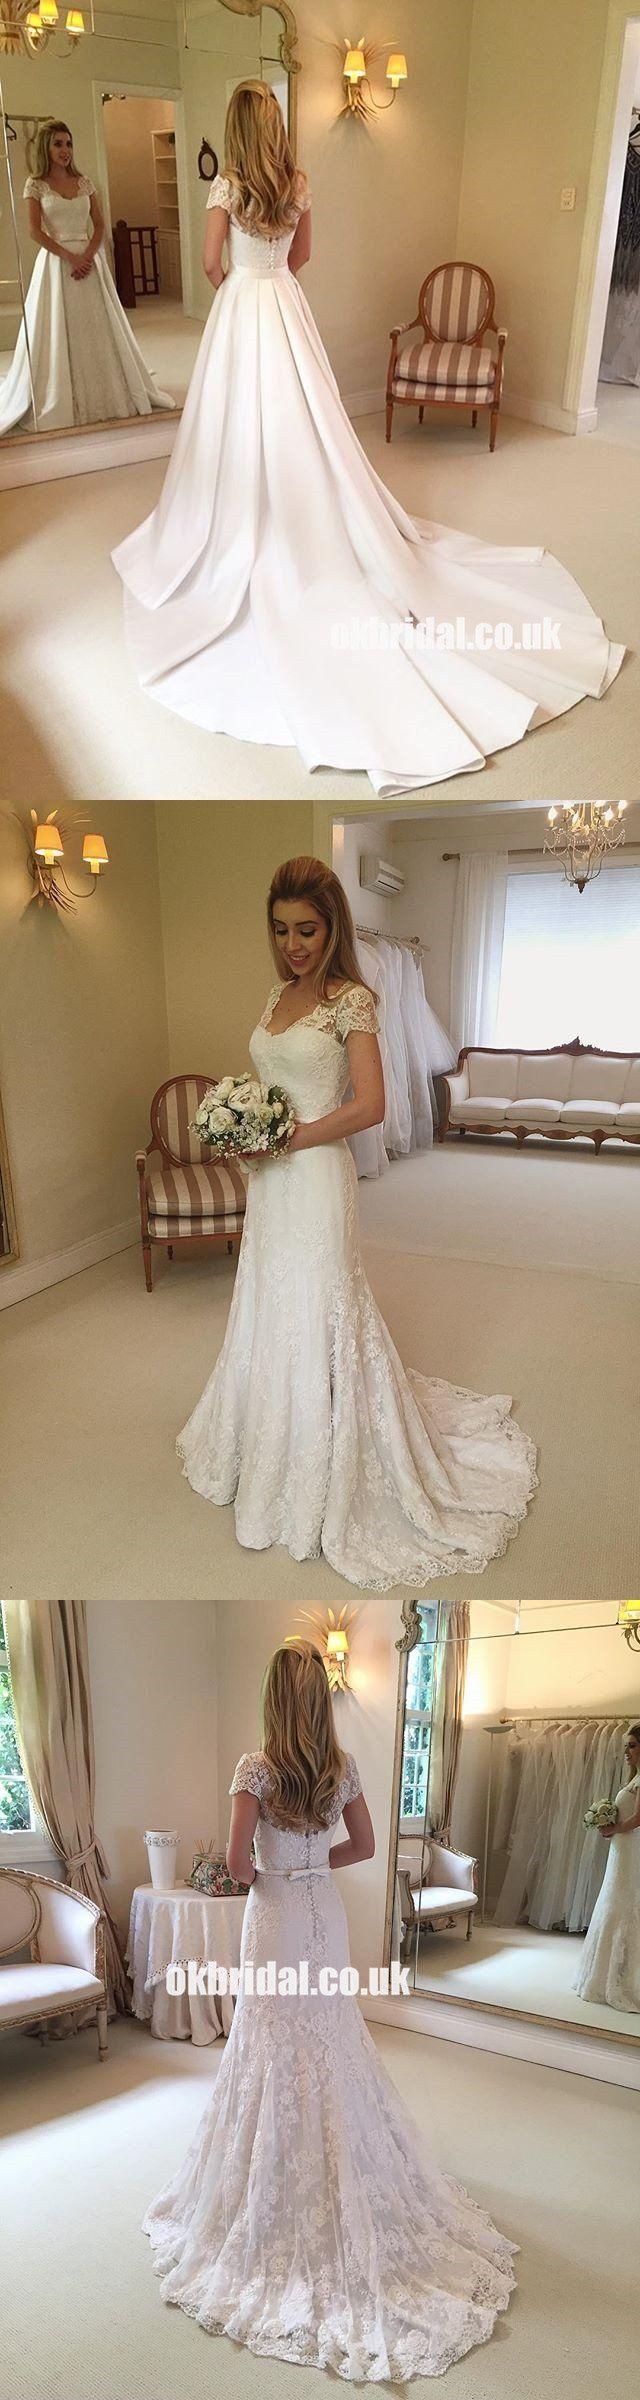 Short Sleeve Elegant Lace ALine Wedding Dresses with